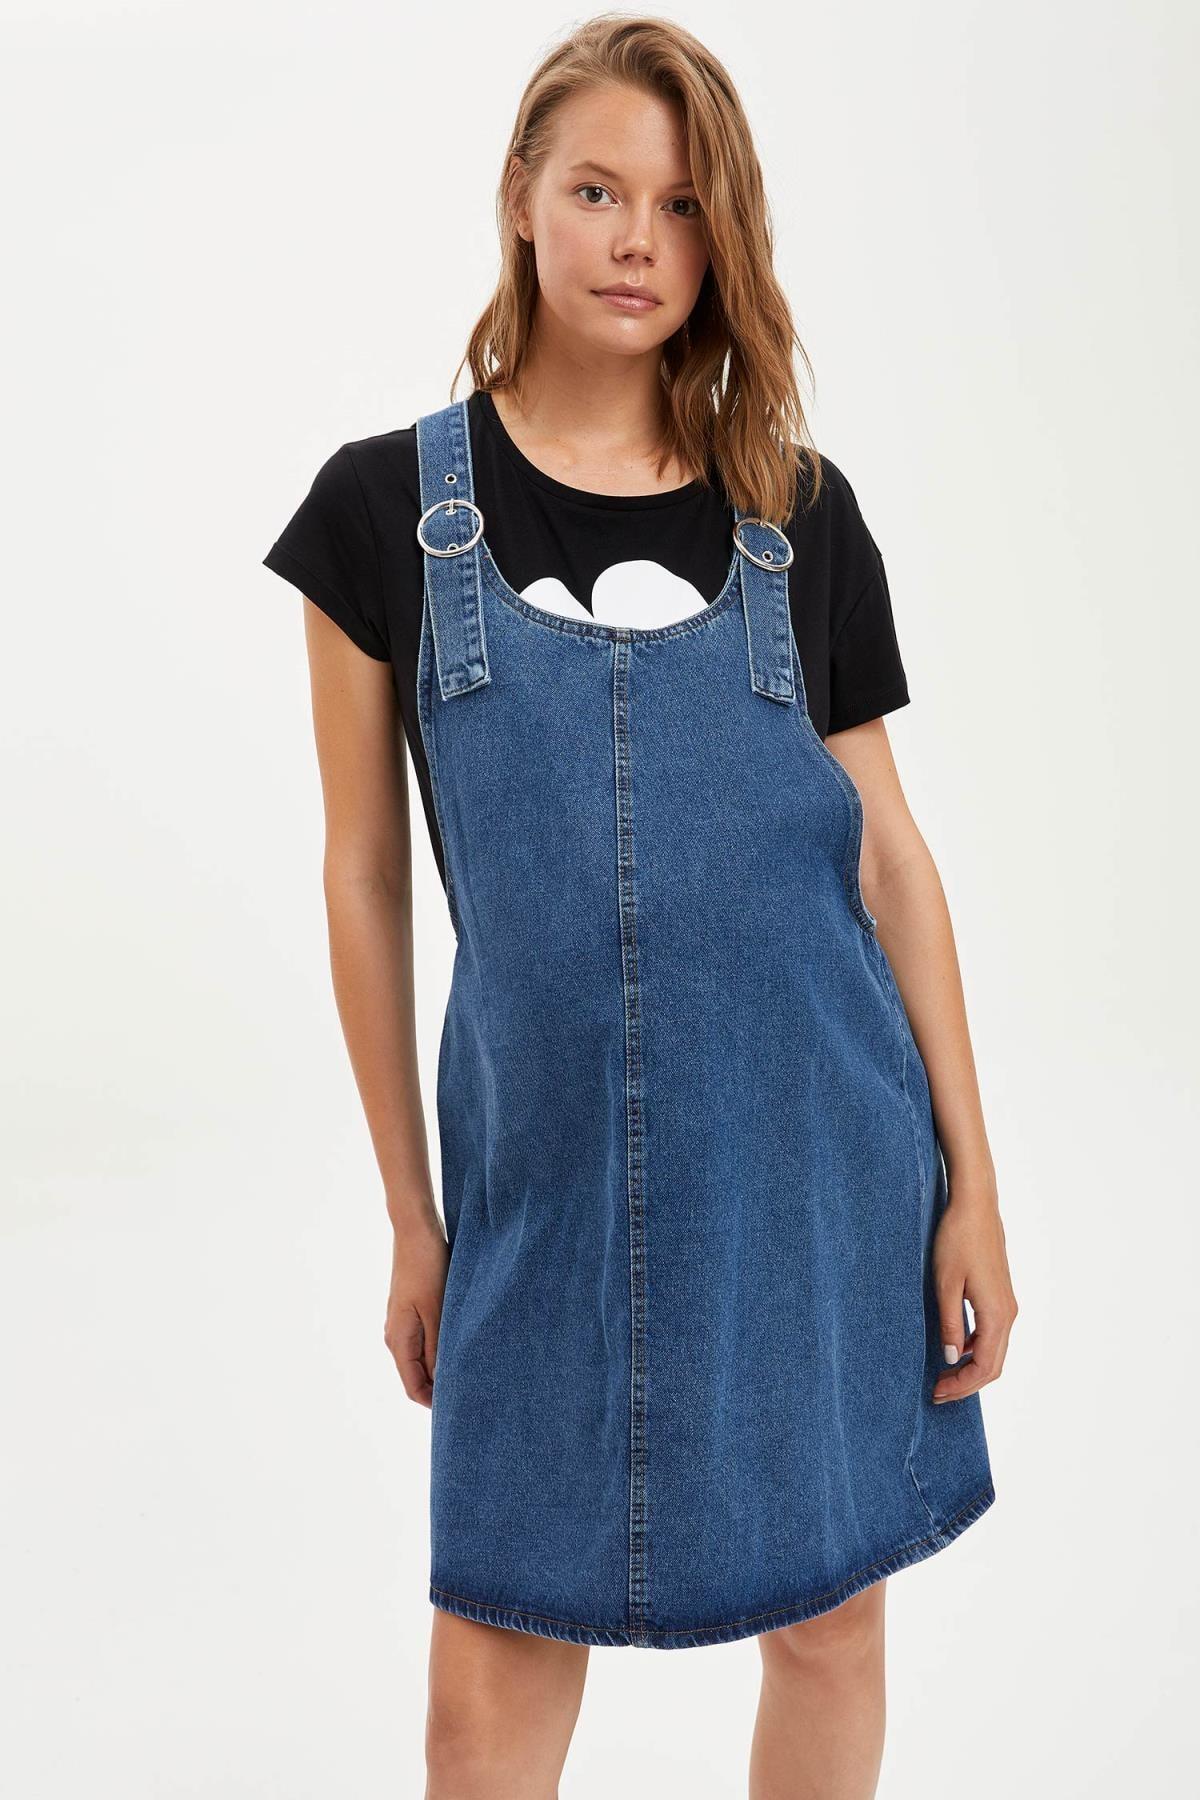 Defacto Kadın Çivit Mavisi Omuzları Kemer Detayl Hamile Jean Elbise R0413AZ20AU 2